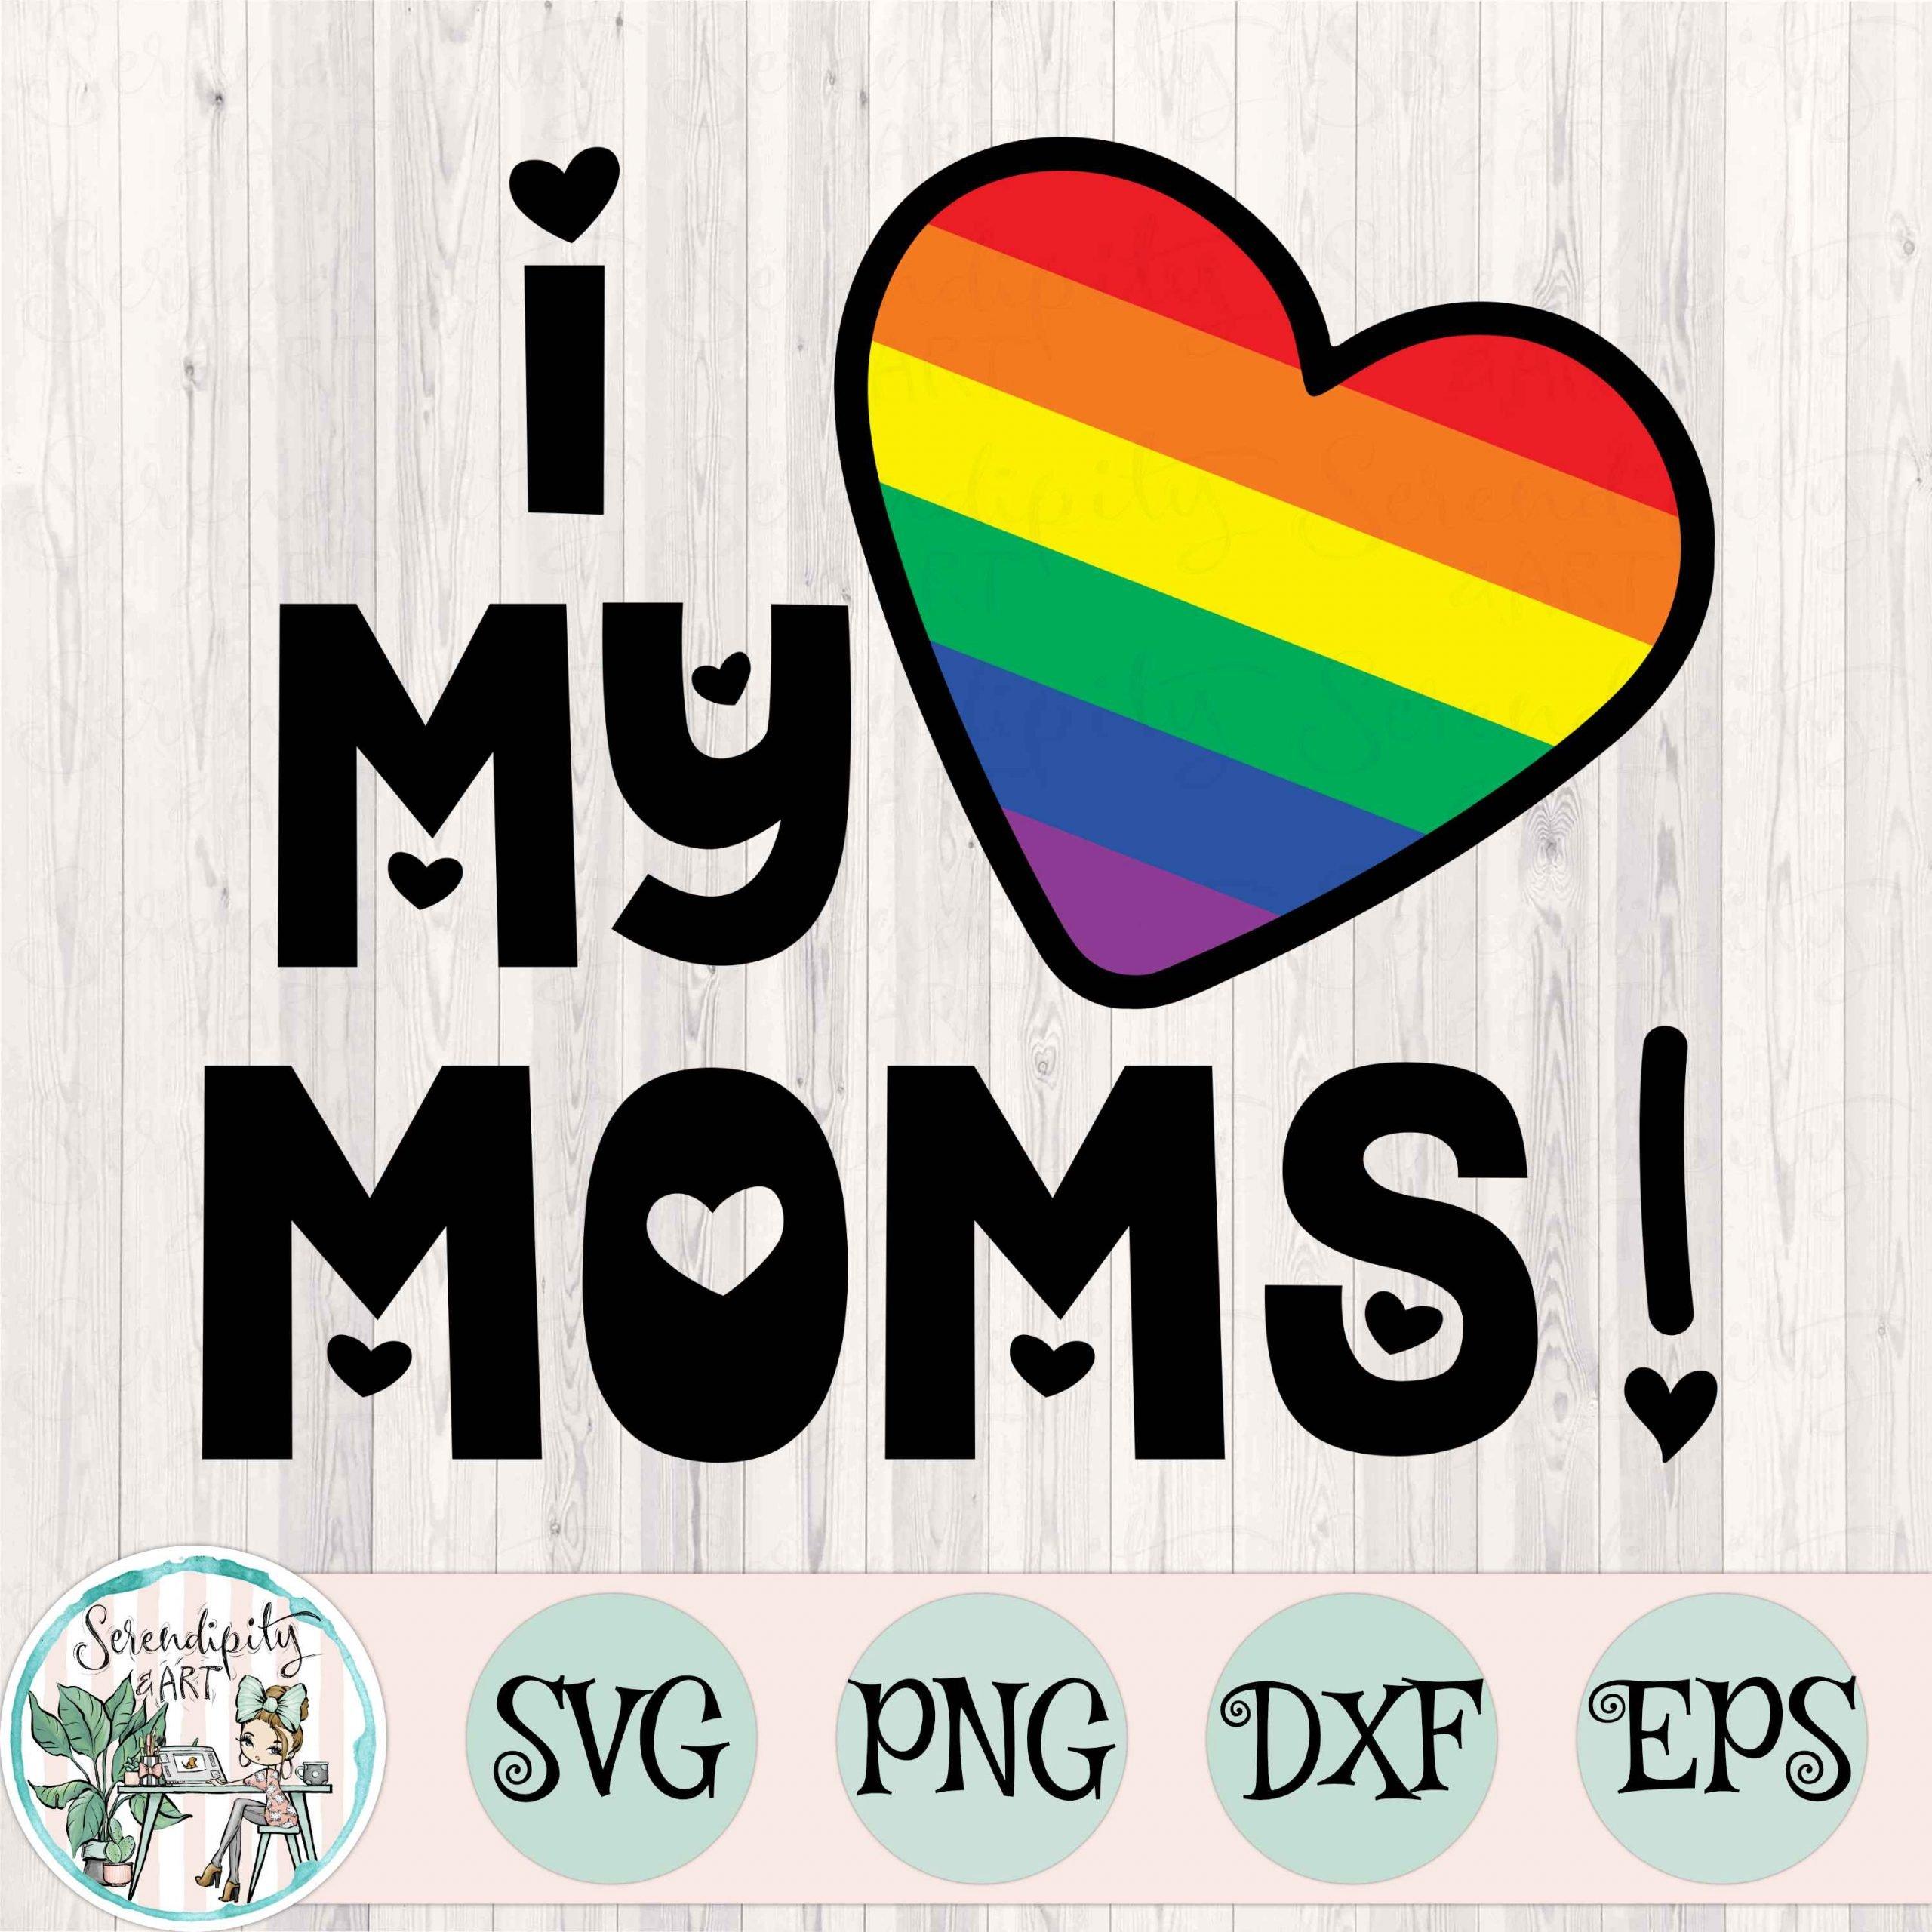 I love my moms square